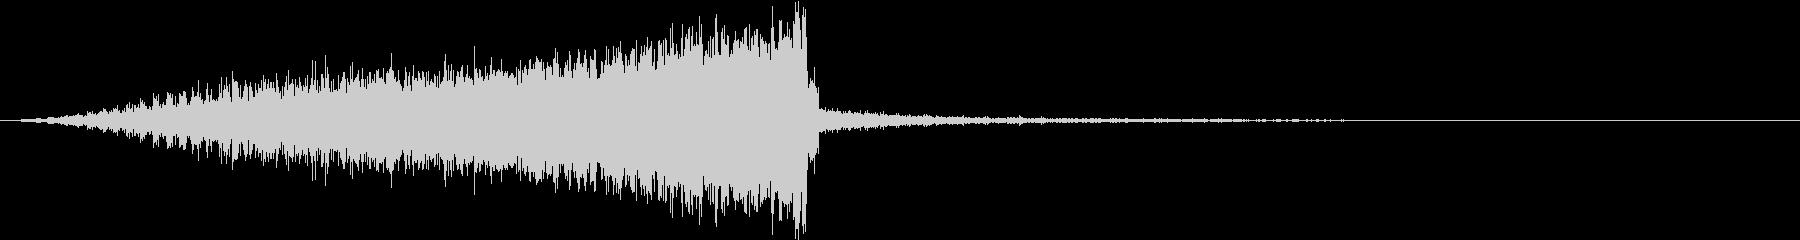 【SF・機械音】ピロピロピロ・・・の未再生の波形